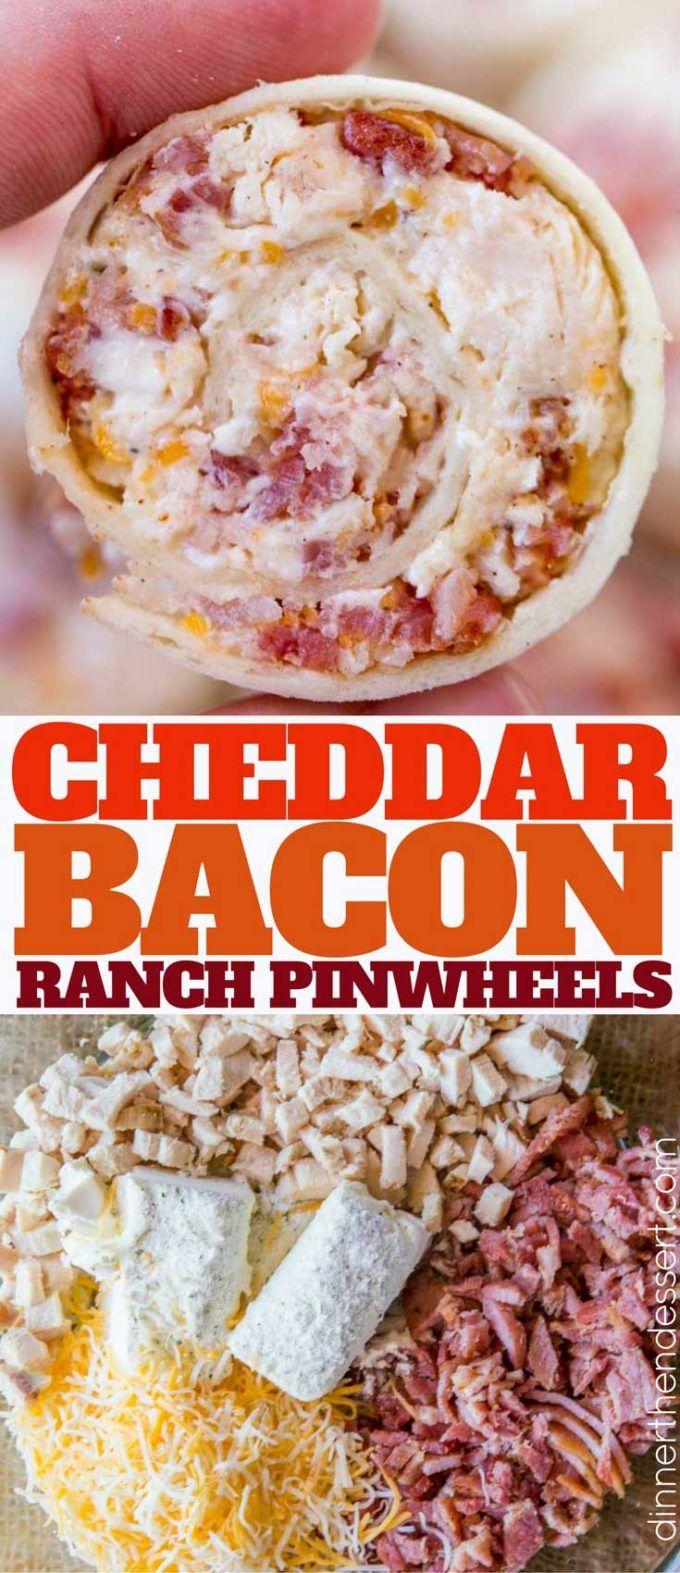 2017 05 potluck ideas for small groups - Cheddar Bacon Ranch Pinwheels